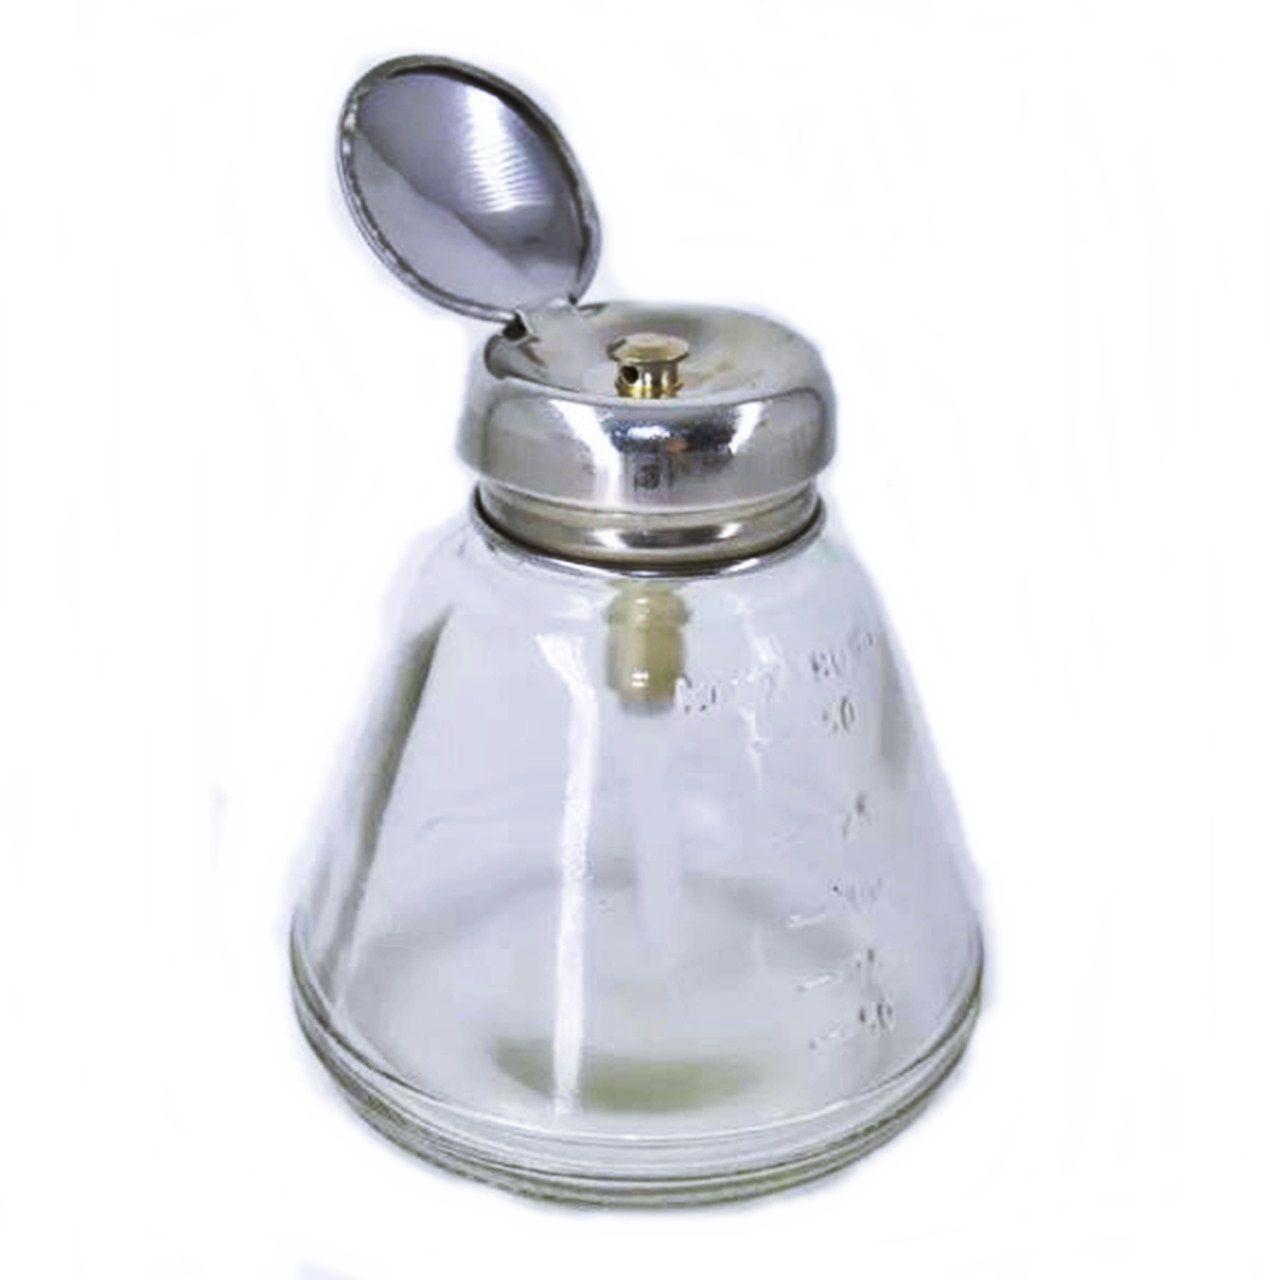 Dosador Porta Acetona Monomer De Vidro Anticorrosivo